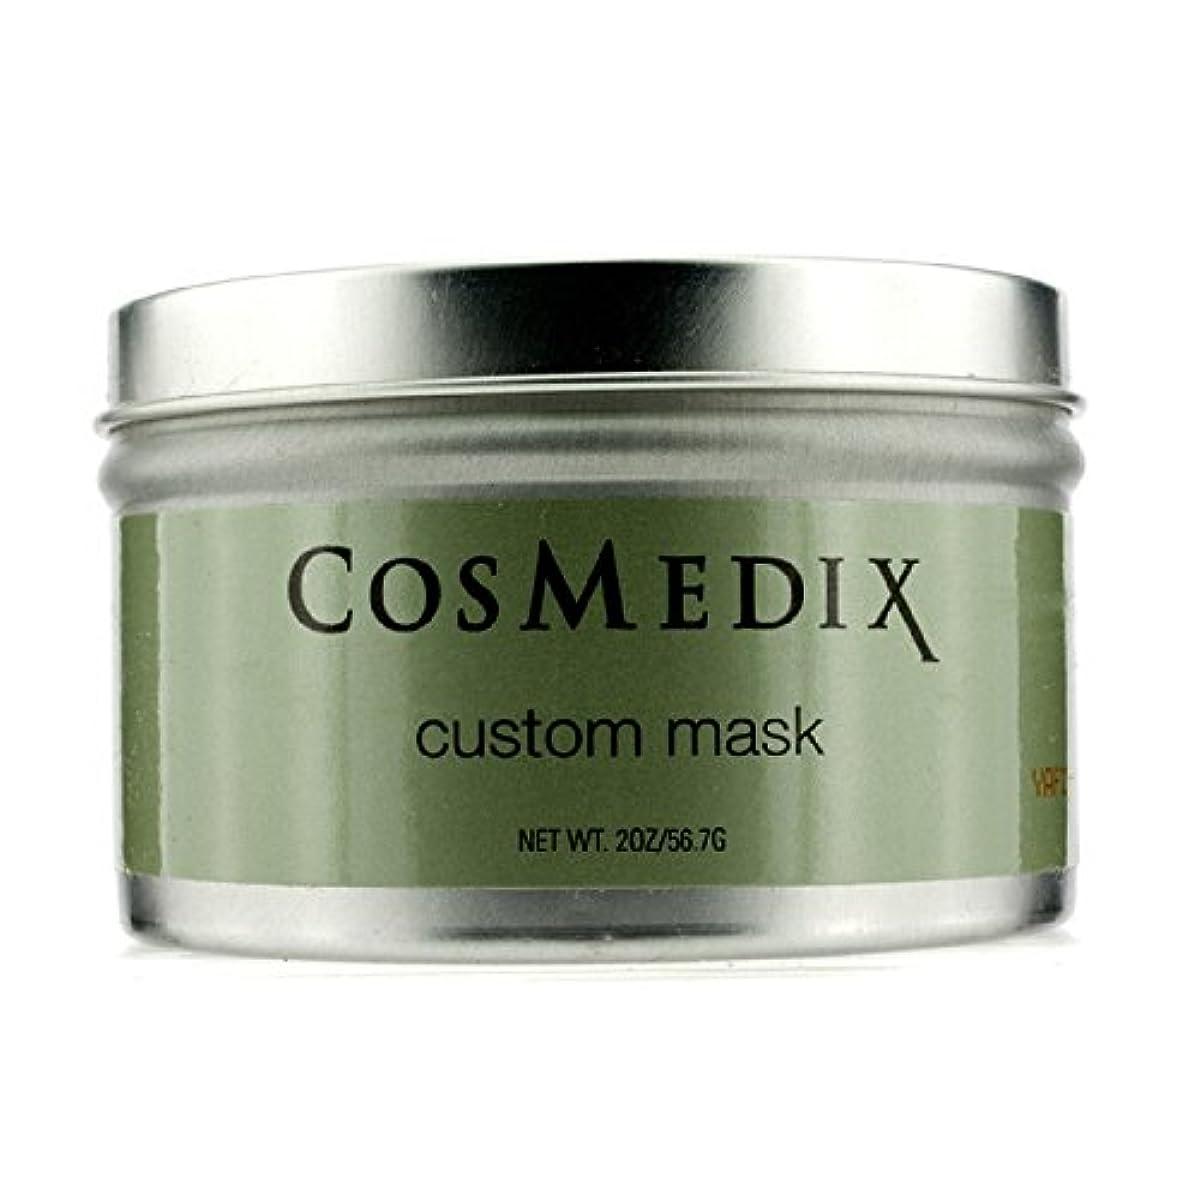 望ましいごちそう静脈コスメディックス カスタムマスク (サロン製品) 56.7g/2oz並行輸入品